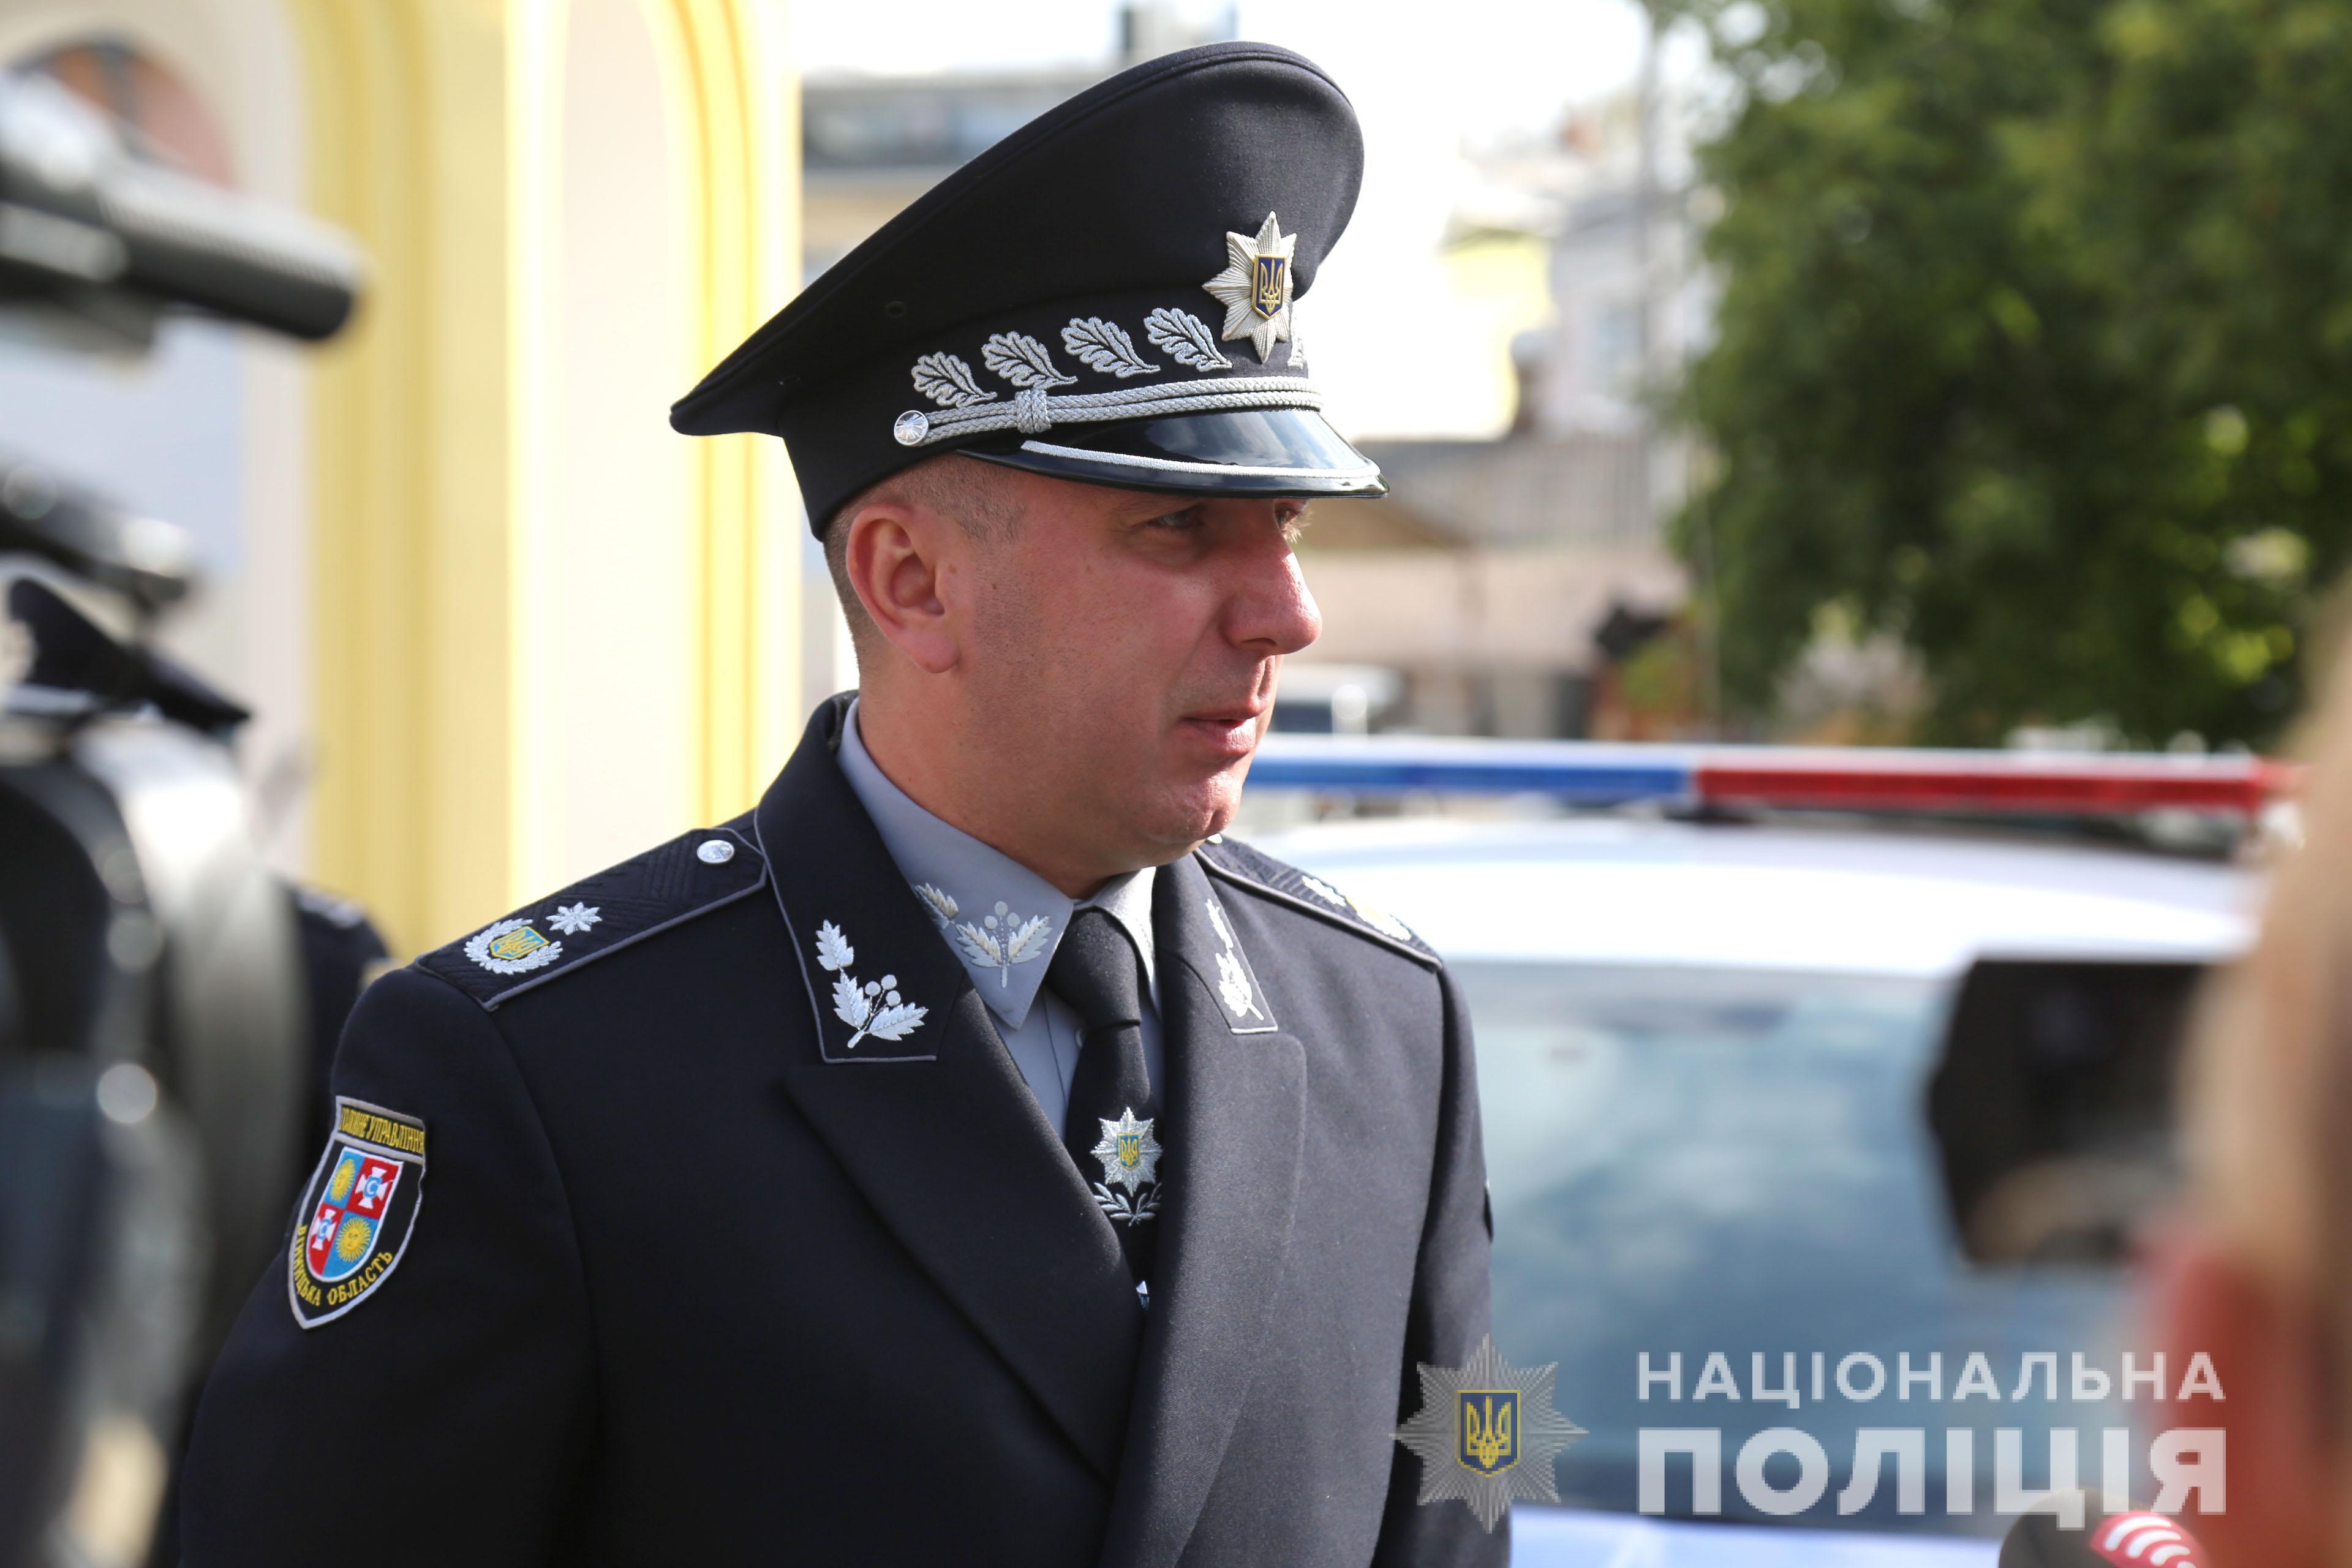 Поліцейські Вінниччини отримали 7 нових авто (Фото)